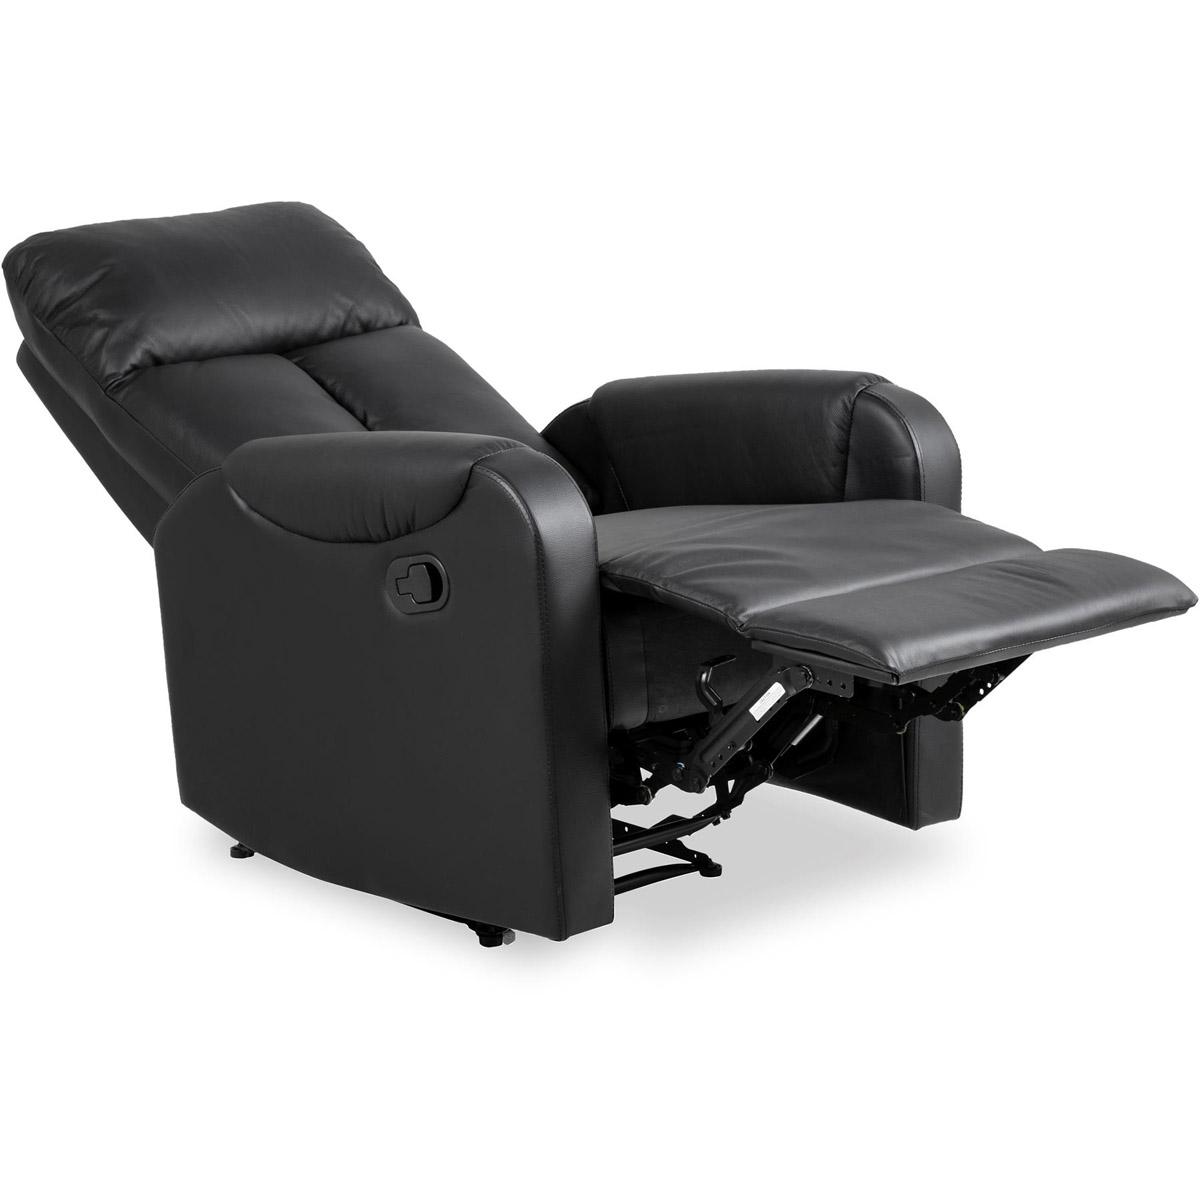 Dublin fåtölj recliner konstläder svart relax-läge